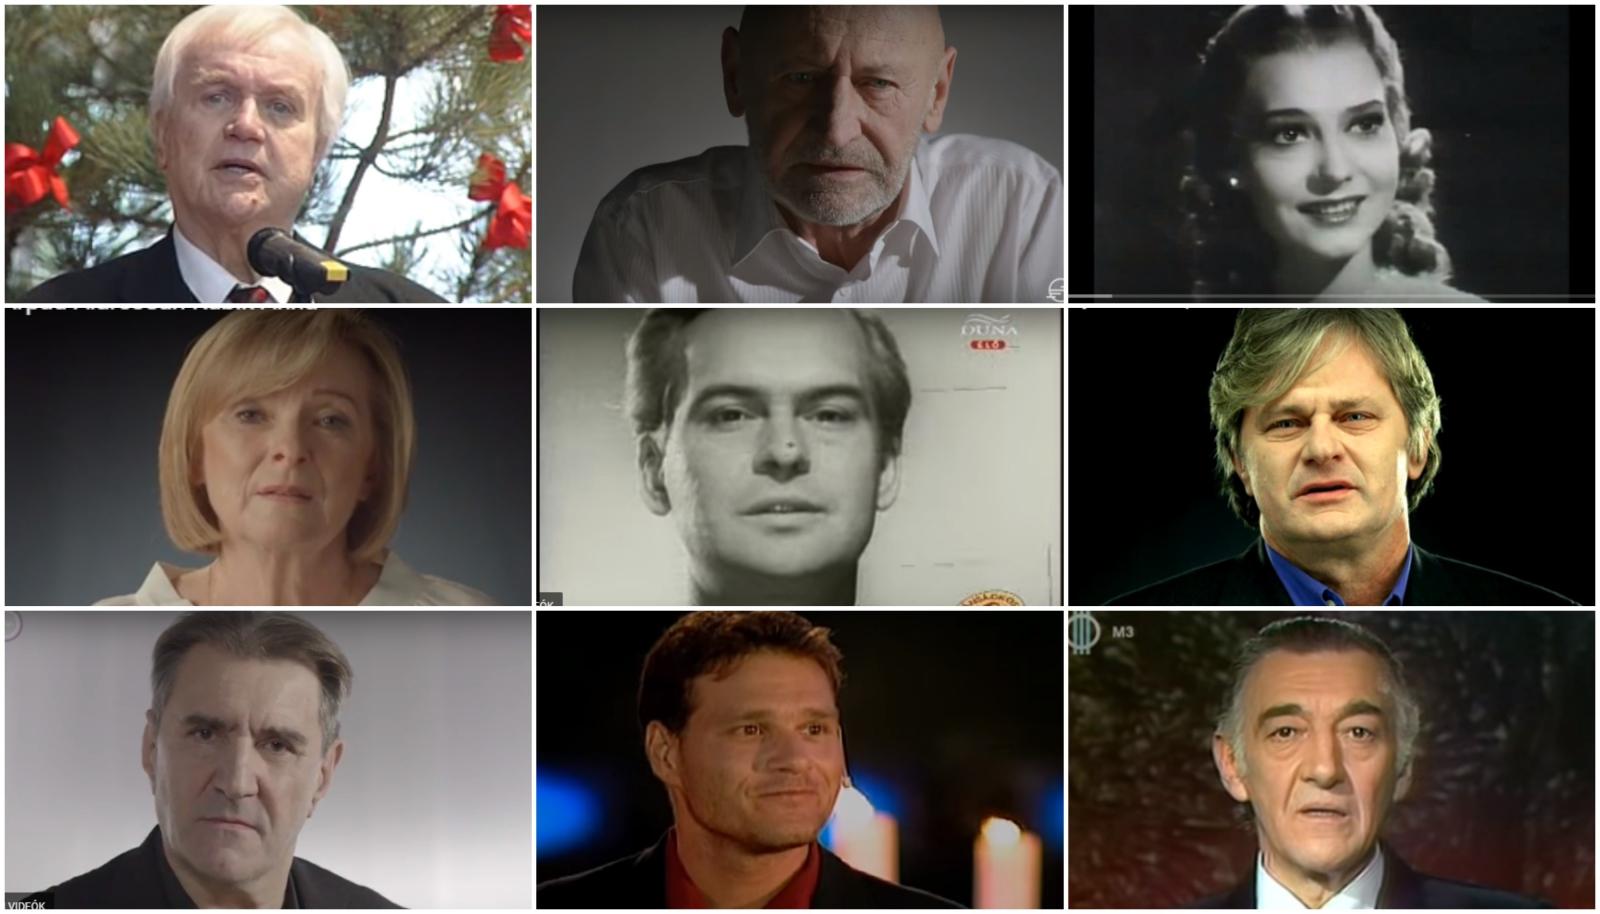 Fotók: képernyőfotók - YouTube.com, szerk.